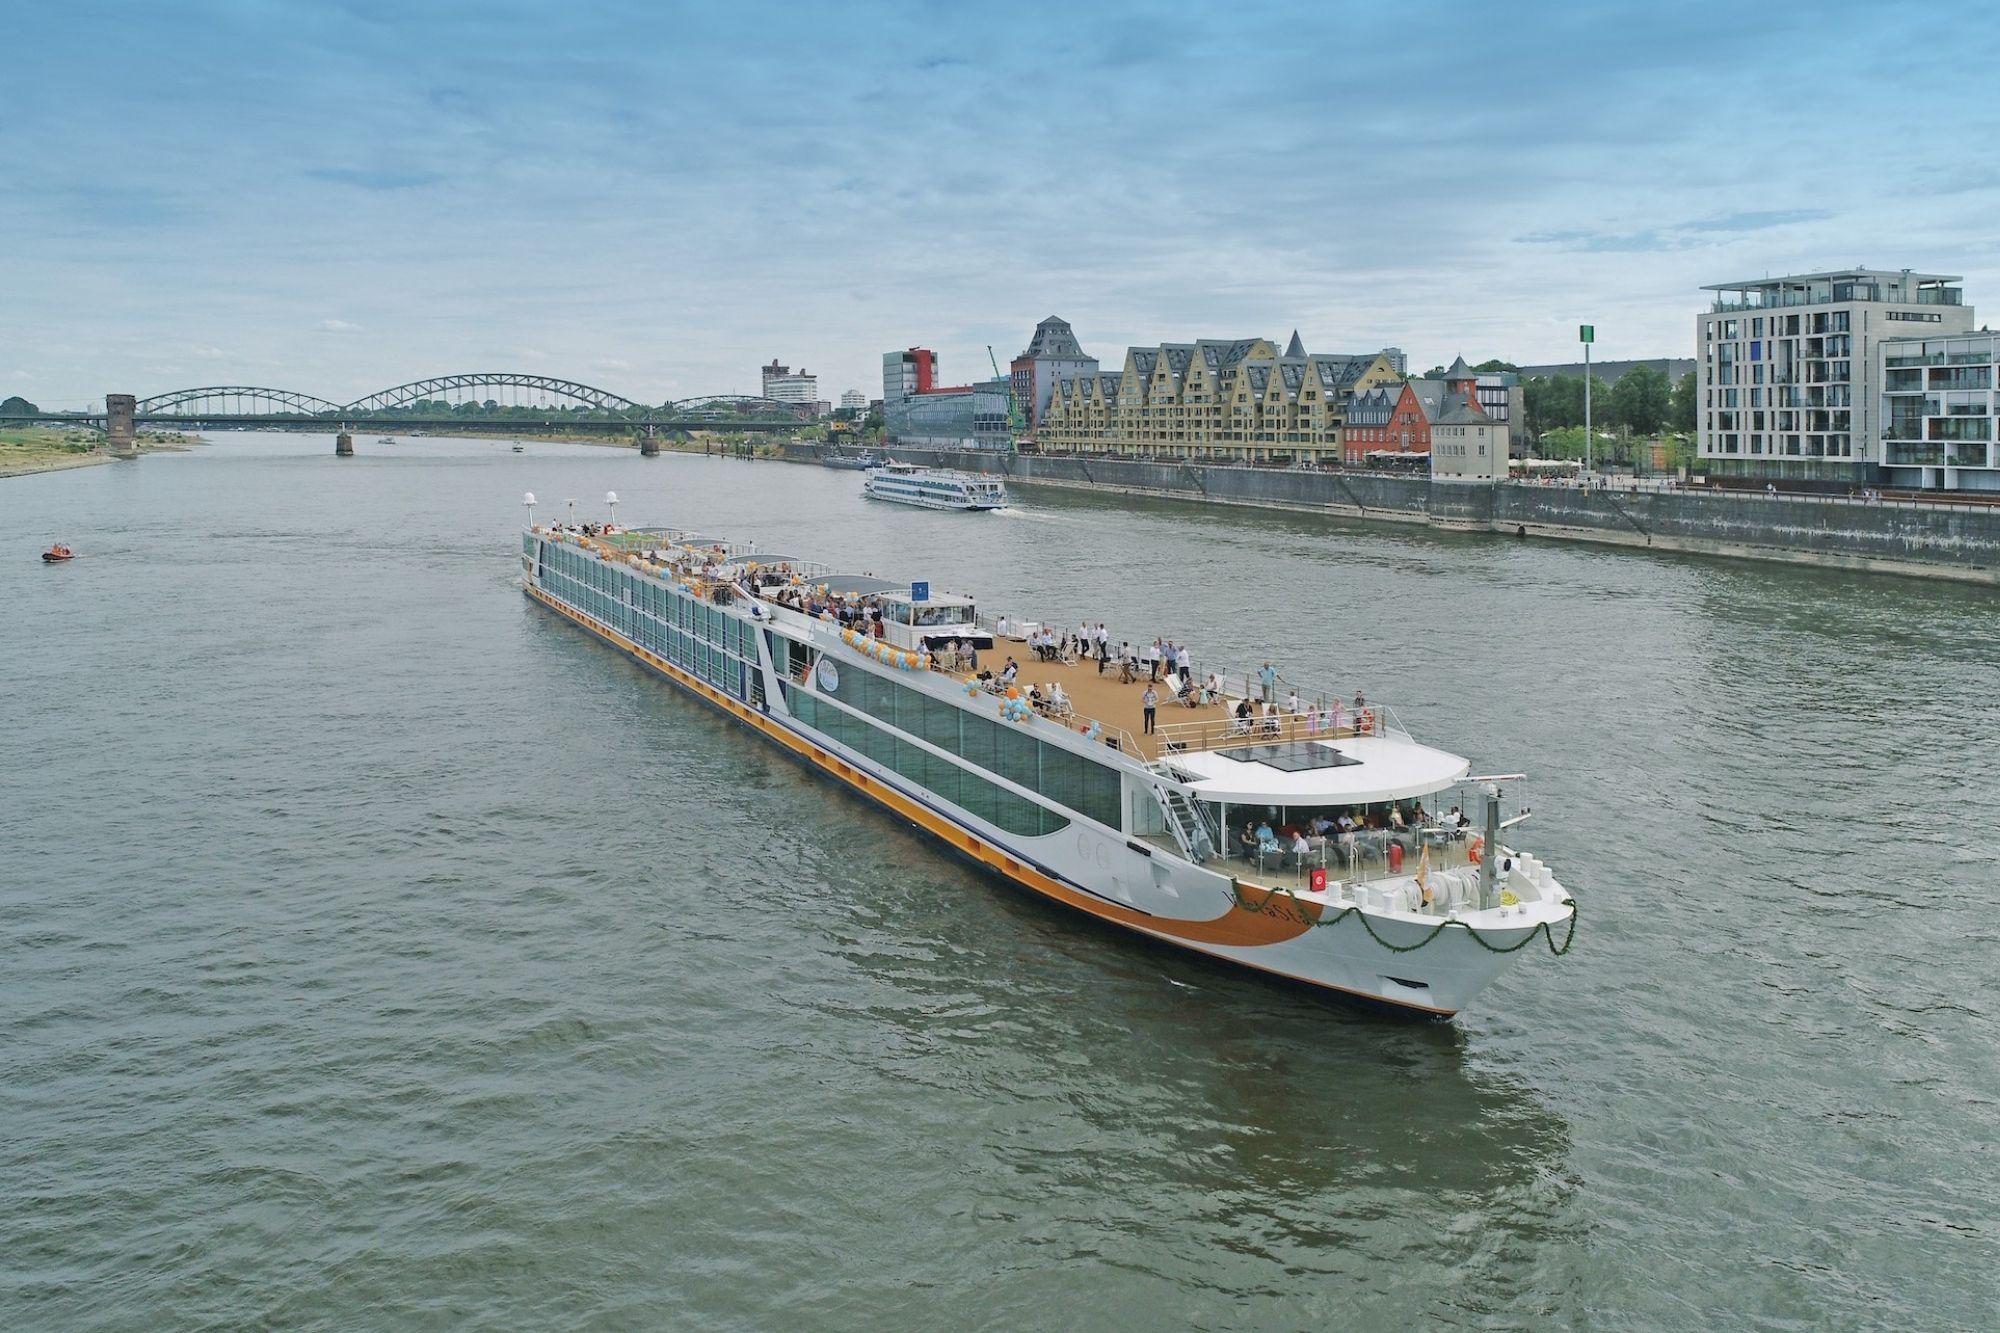 1AVista Reisen mit neuen Routen & Flex-Option für 2022